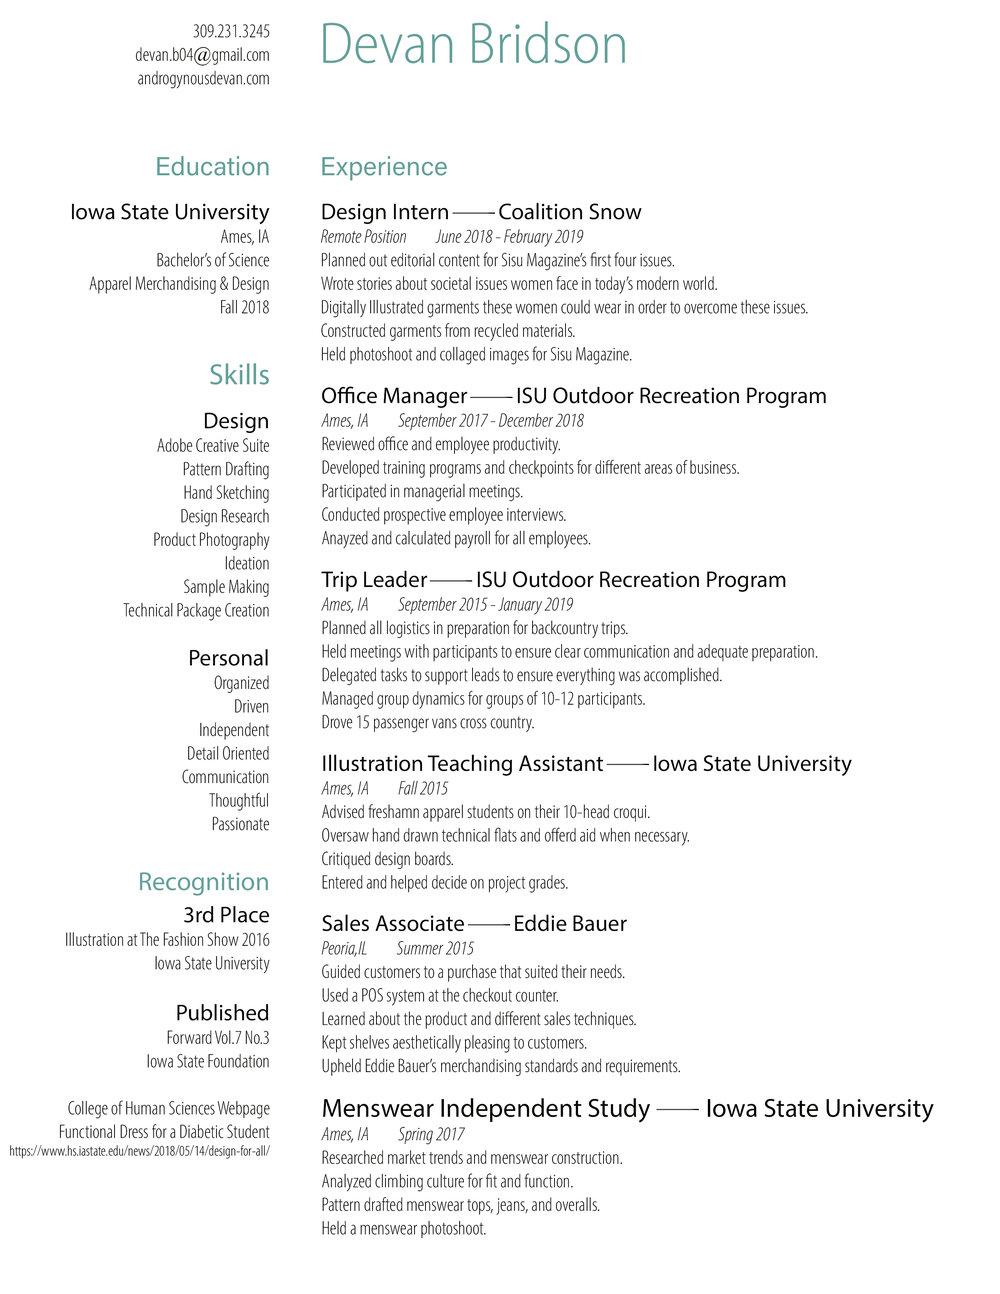 Design Resume.jpg